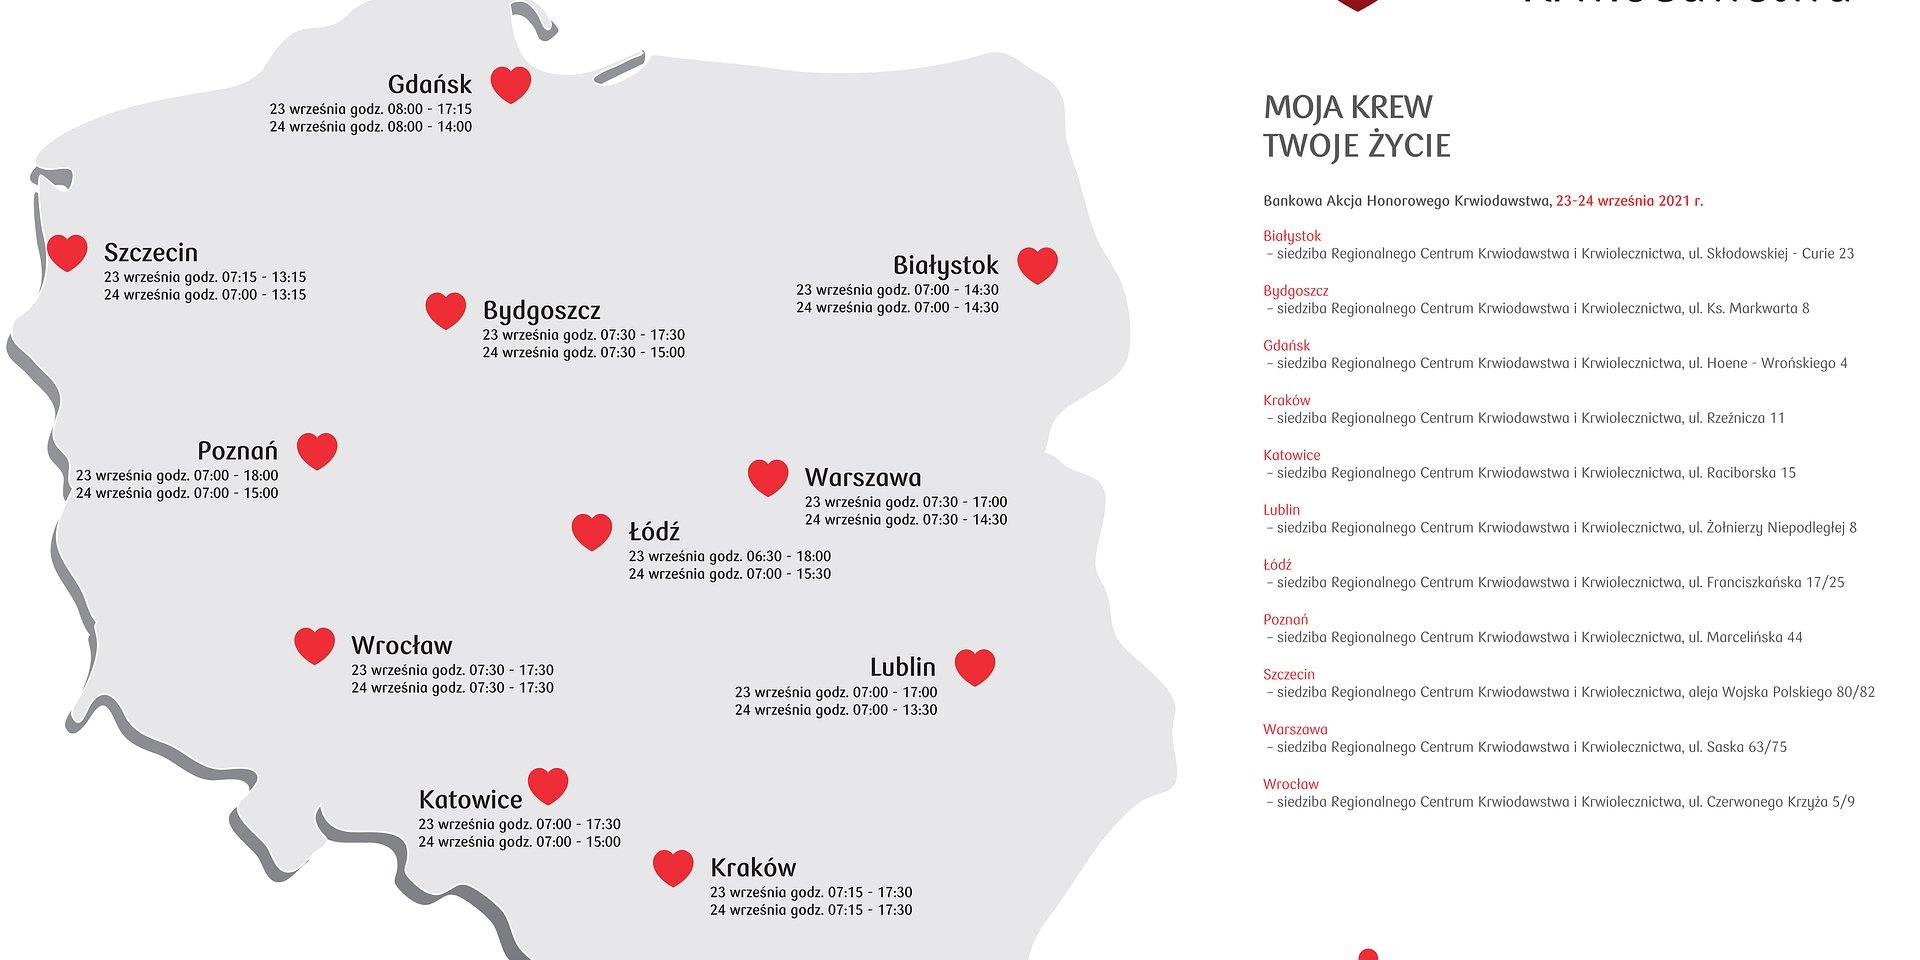 Jesienna Bankowa Akcja Honorowego Krwiodawstwa w Katowicach – 23 i 24 września.